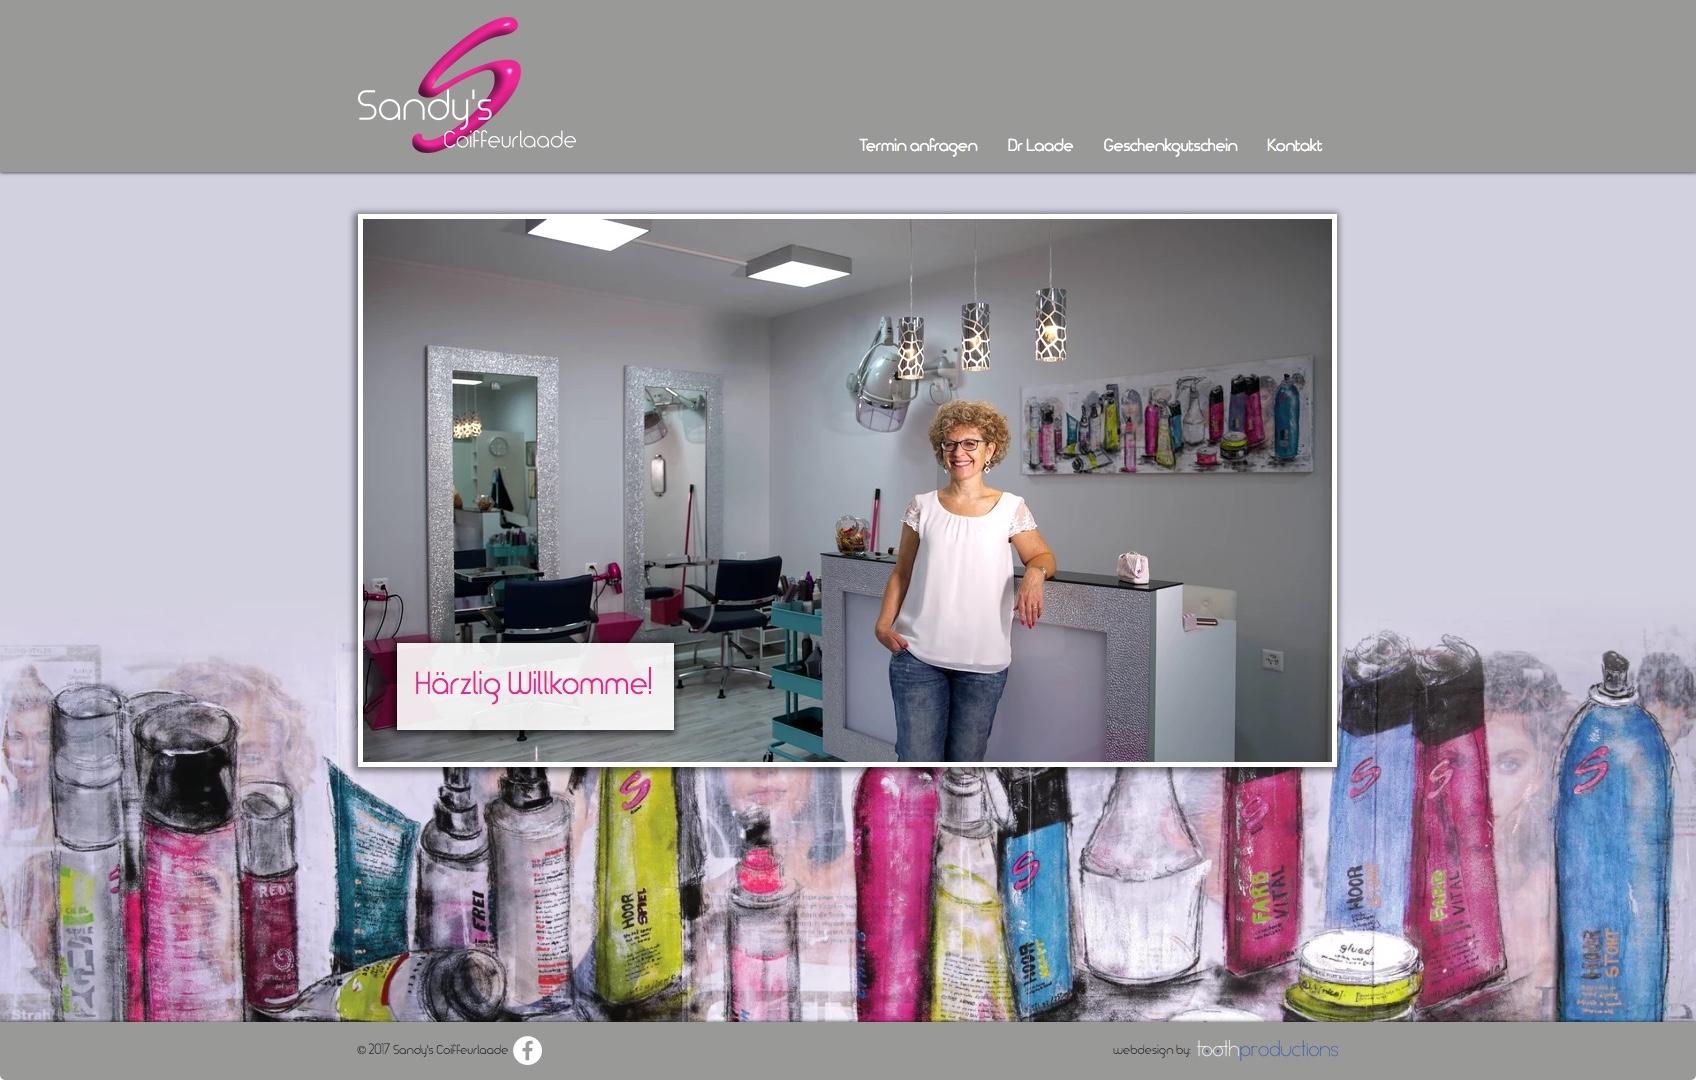 Sandy's Coiffeurlaade - Website